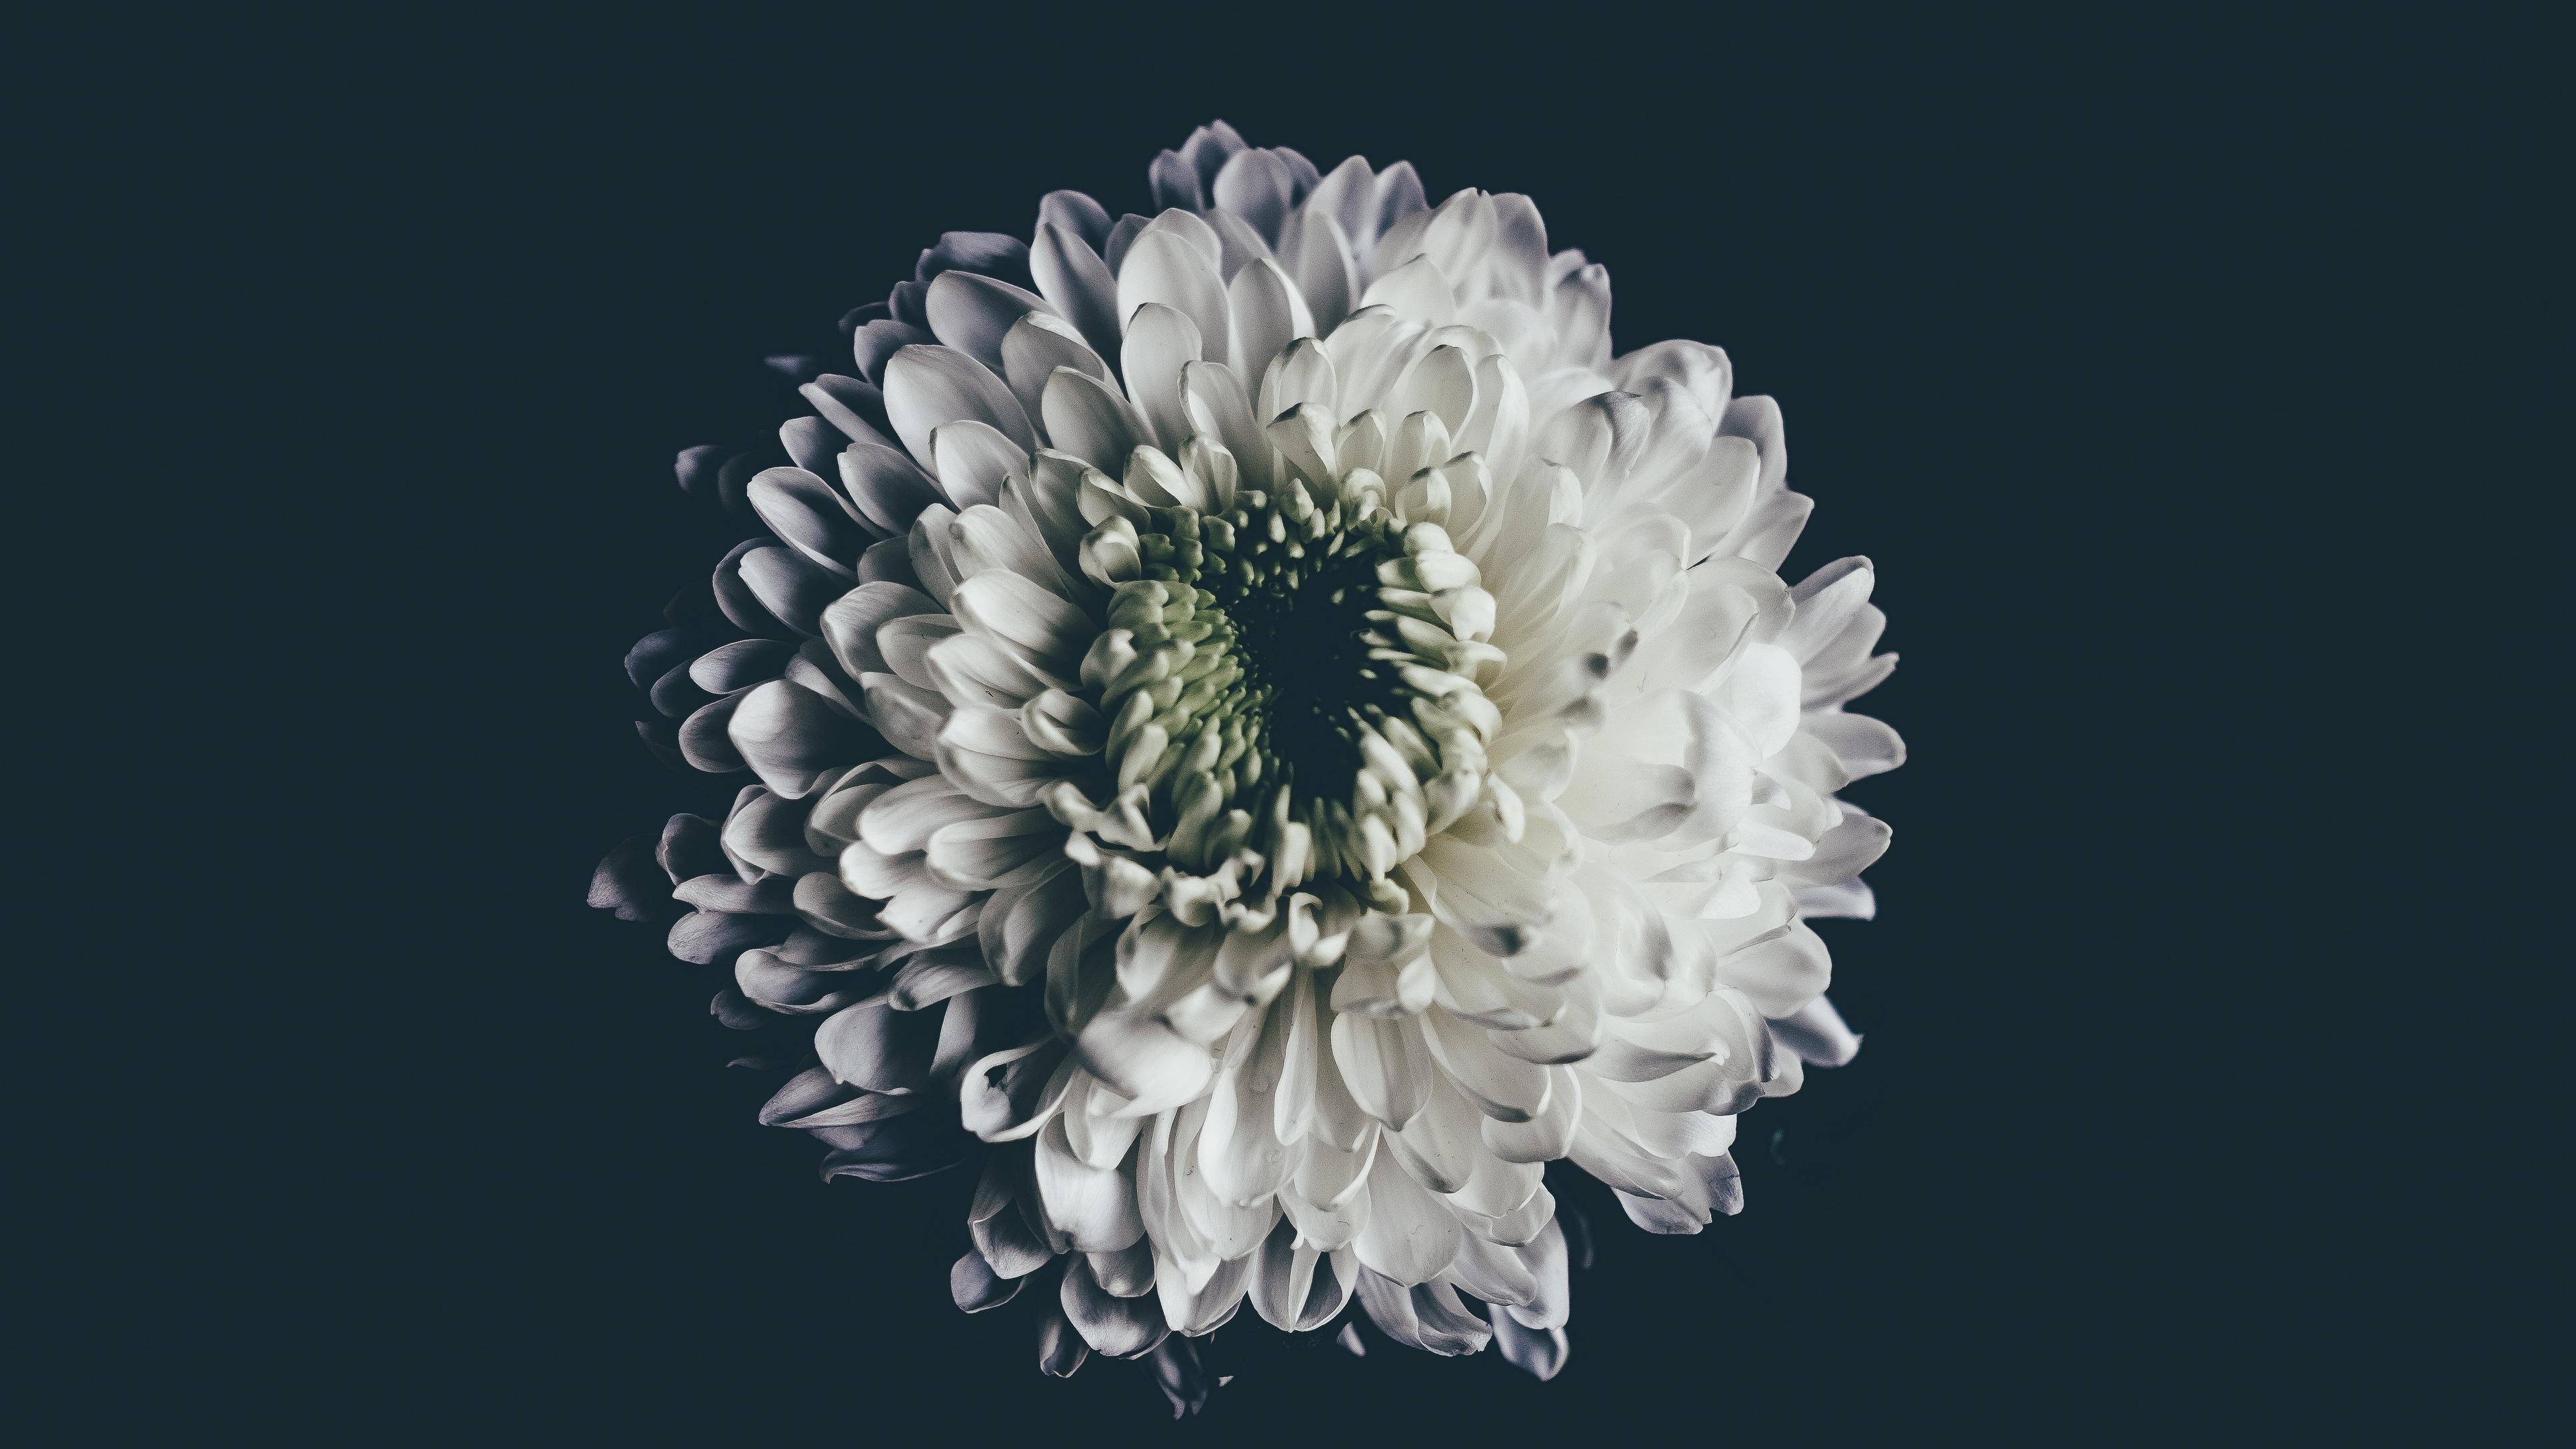 aster white flower bud 4k 1540575220 - aster, white, flower, bud 4k - white, flower, Aster